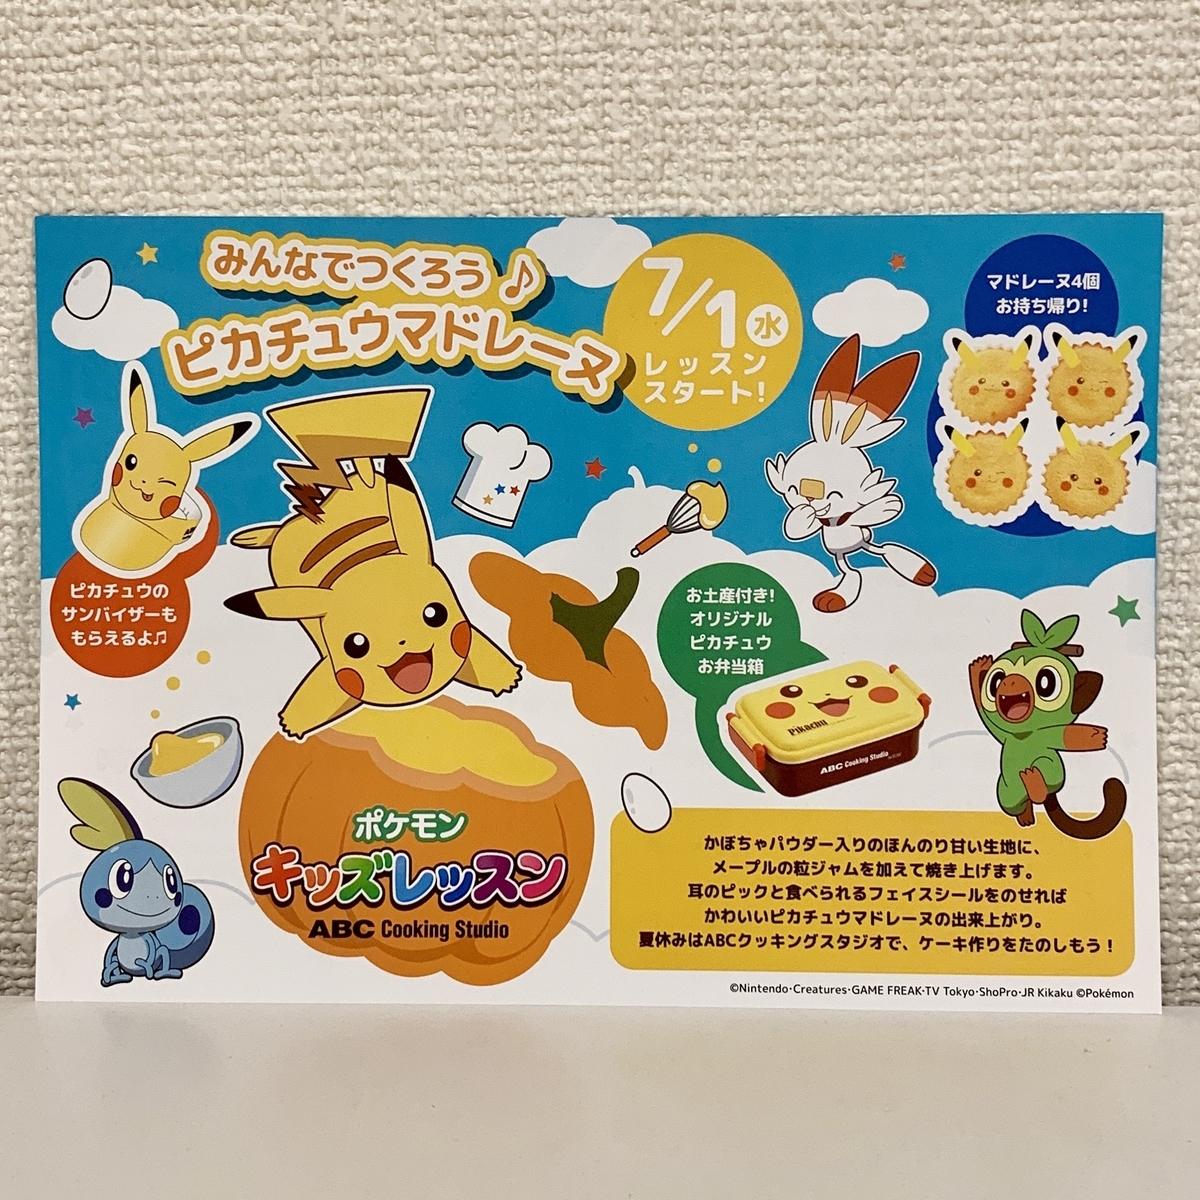 f:id:pikachu_pcn:20200622202743j:plain